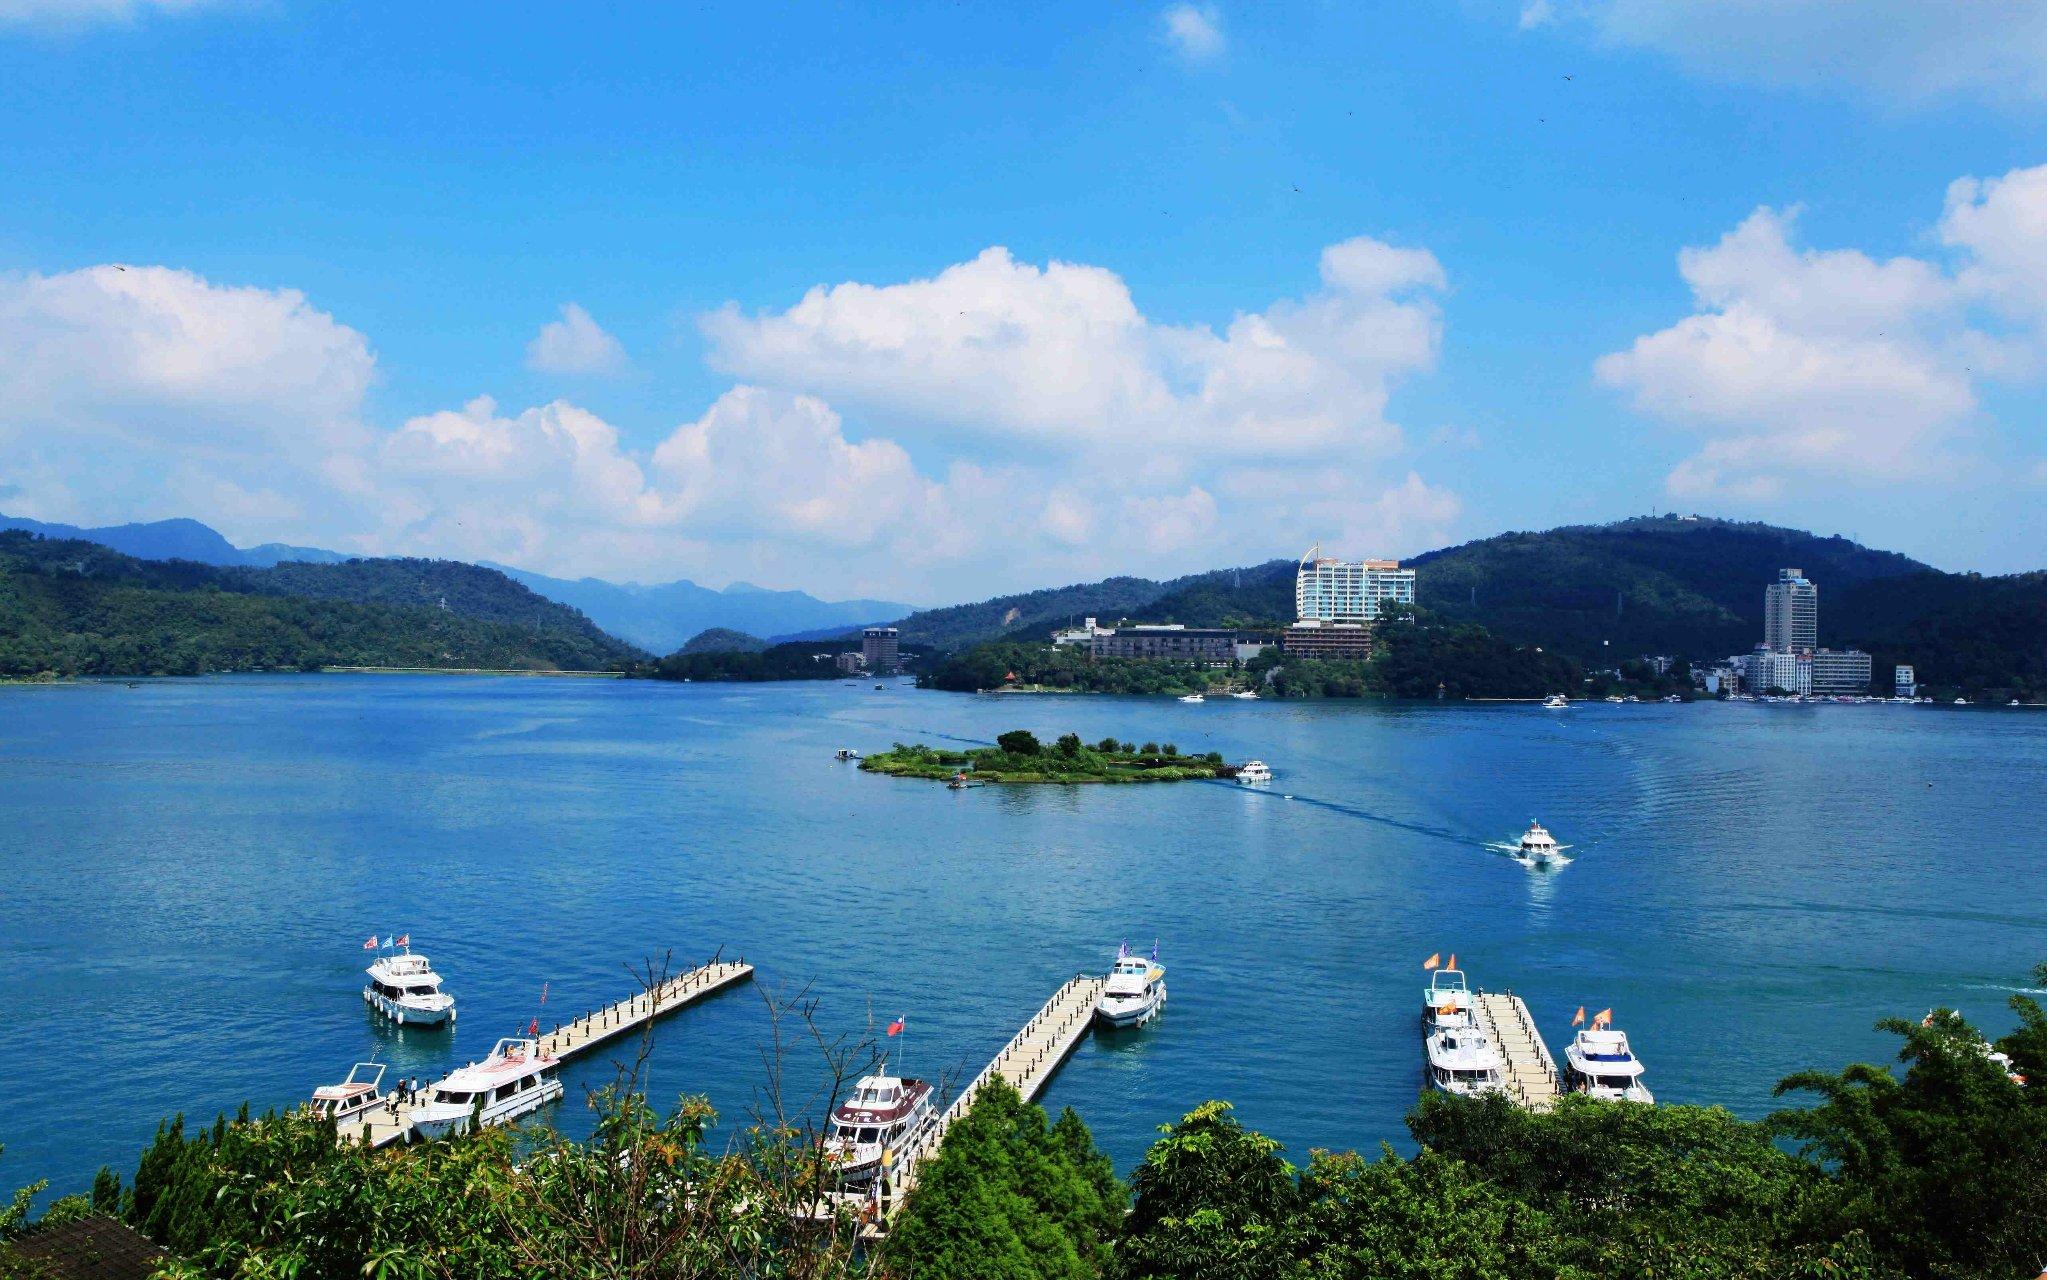 台湾环岛  漂洋过海来看你 那些年应该遇见的幸运